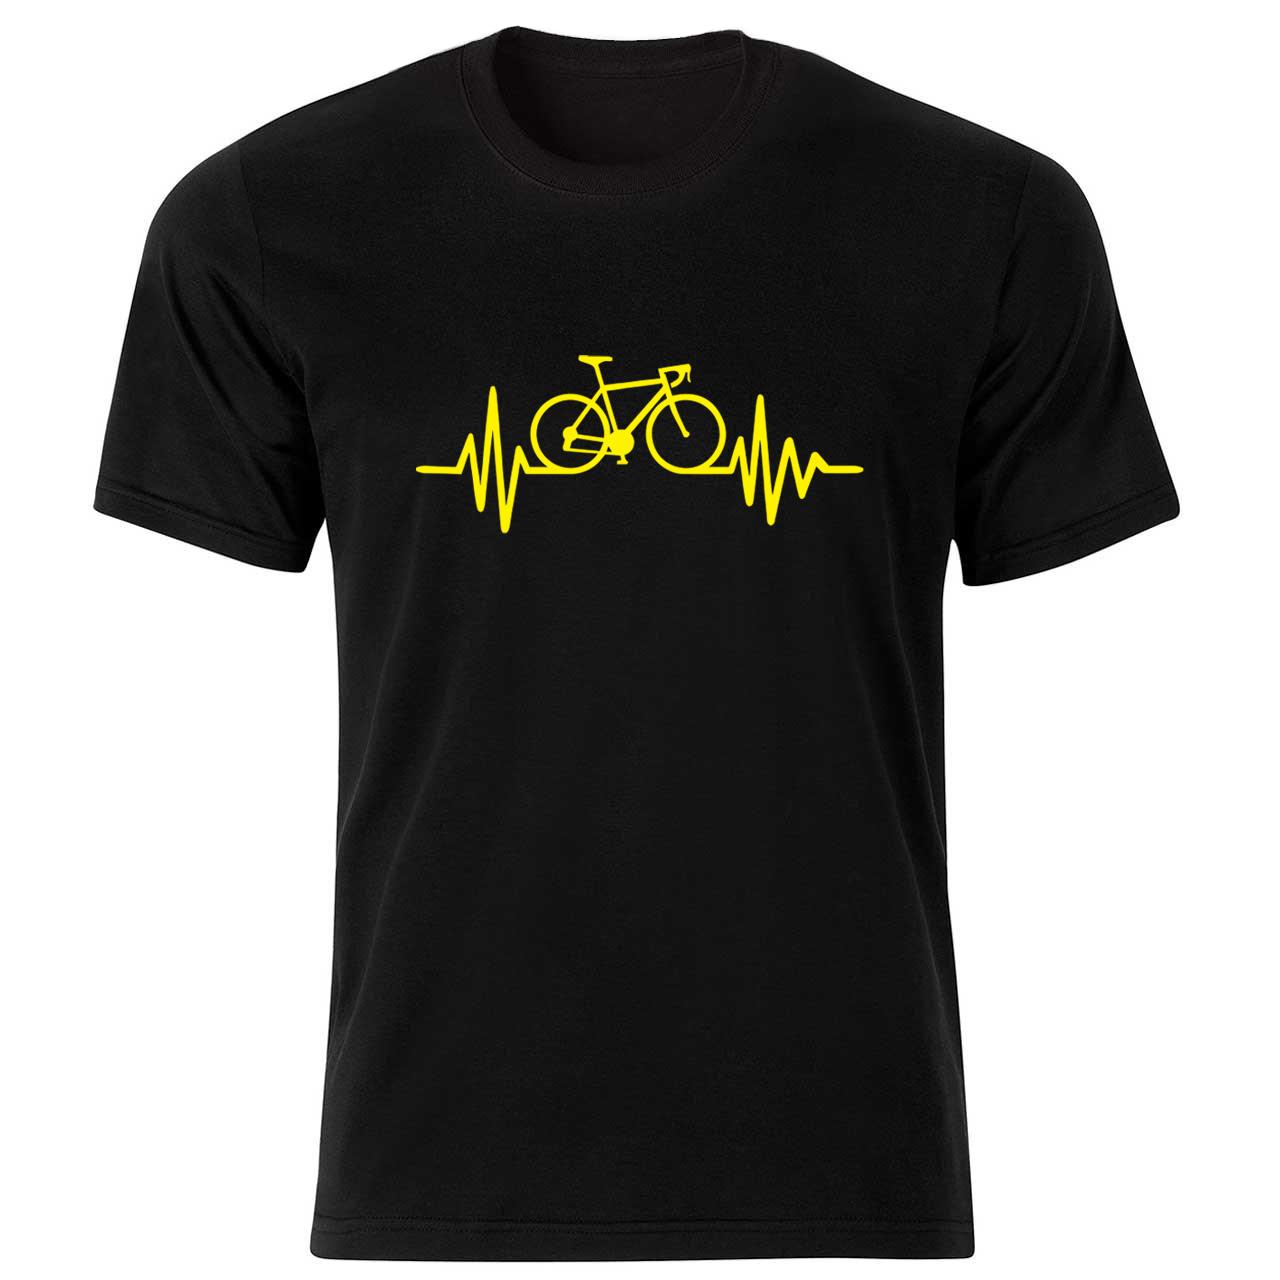 تیشرت   آستین  کوتاه   بچگانه  طرح    ضربان دوچرخه   کد    BT178